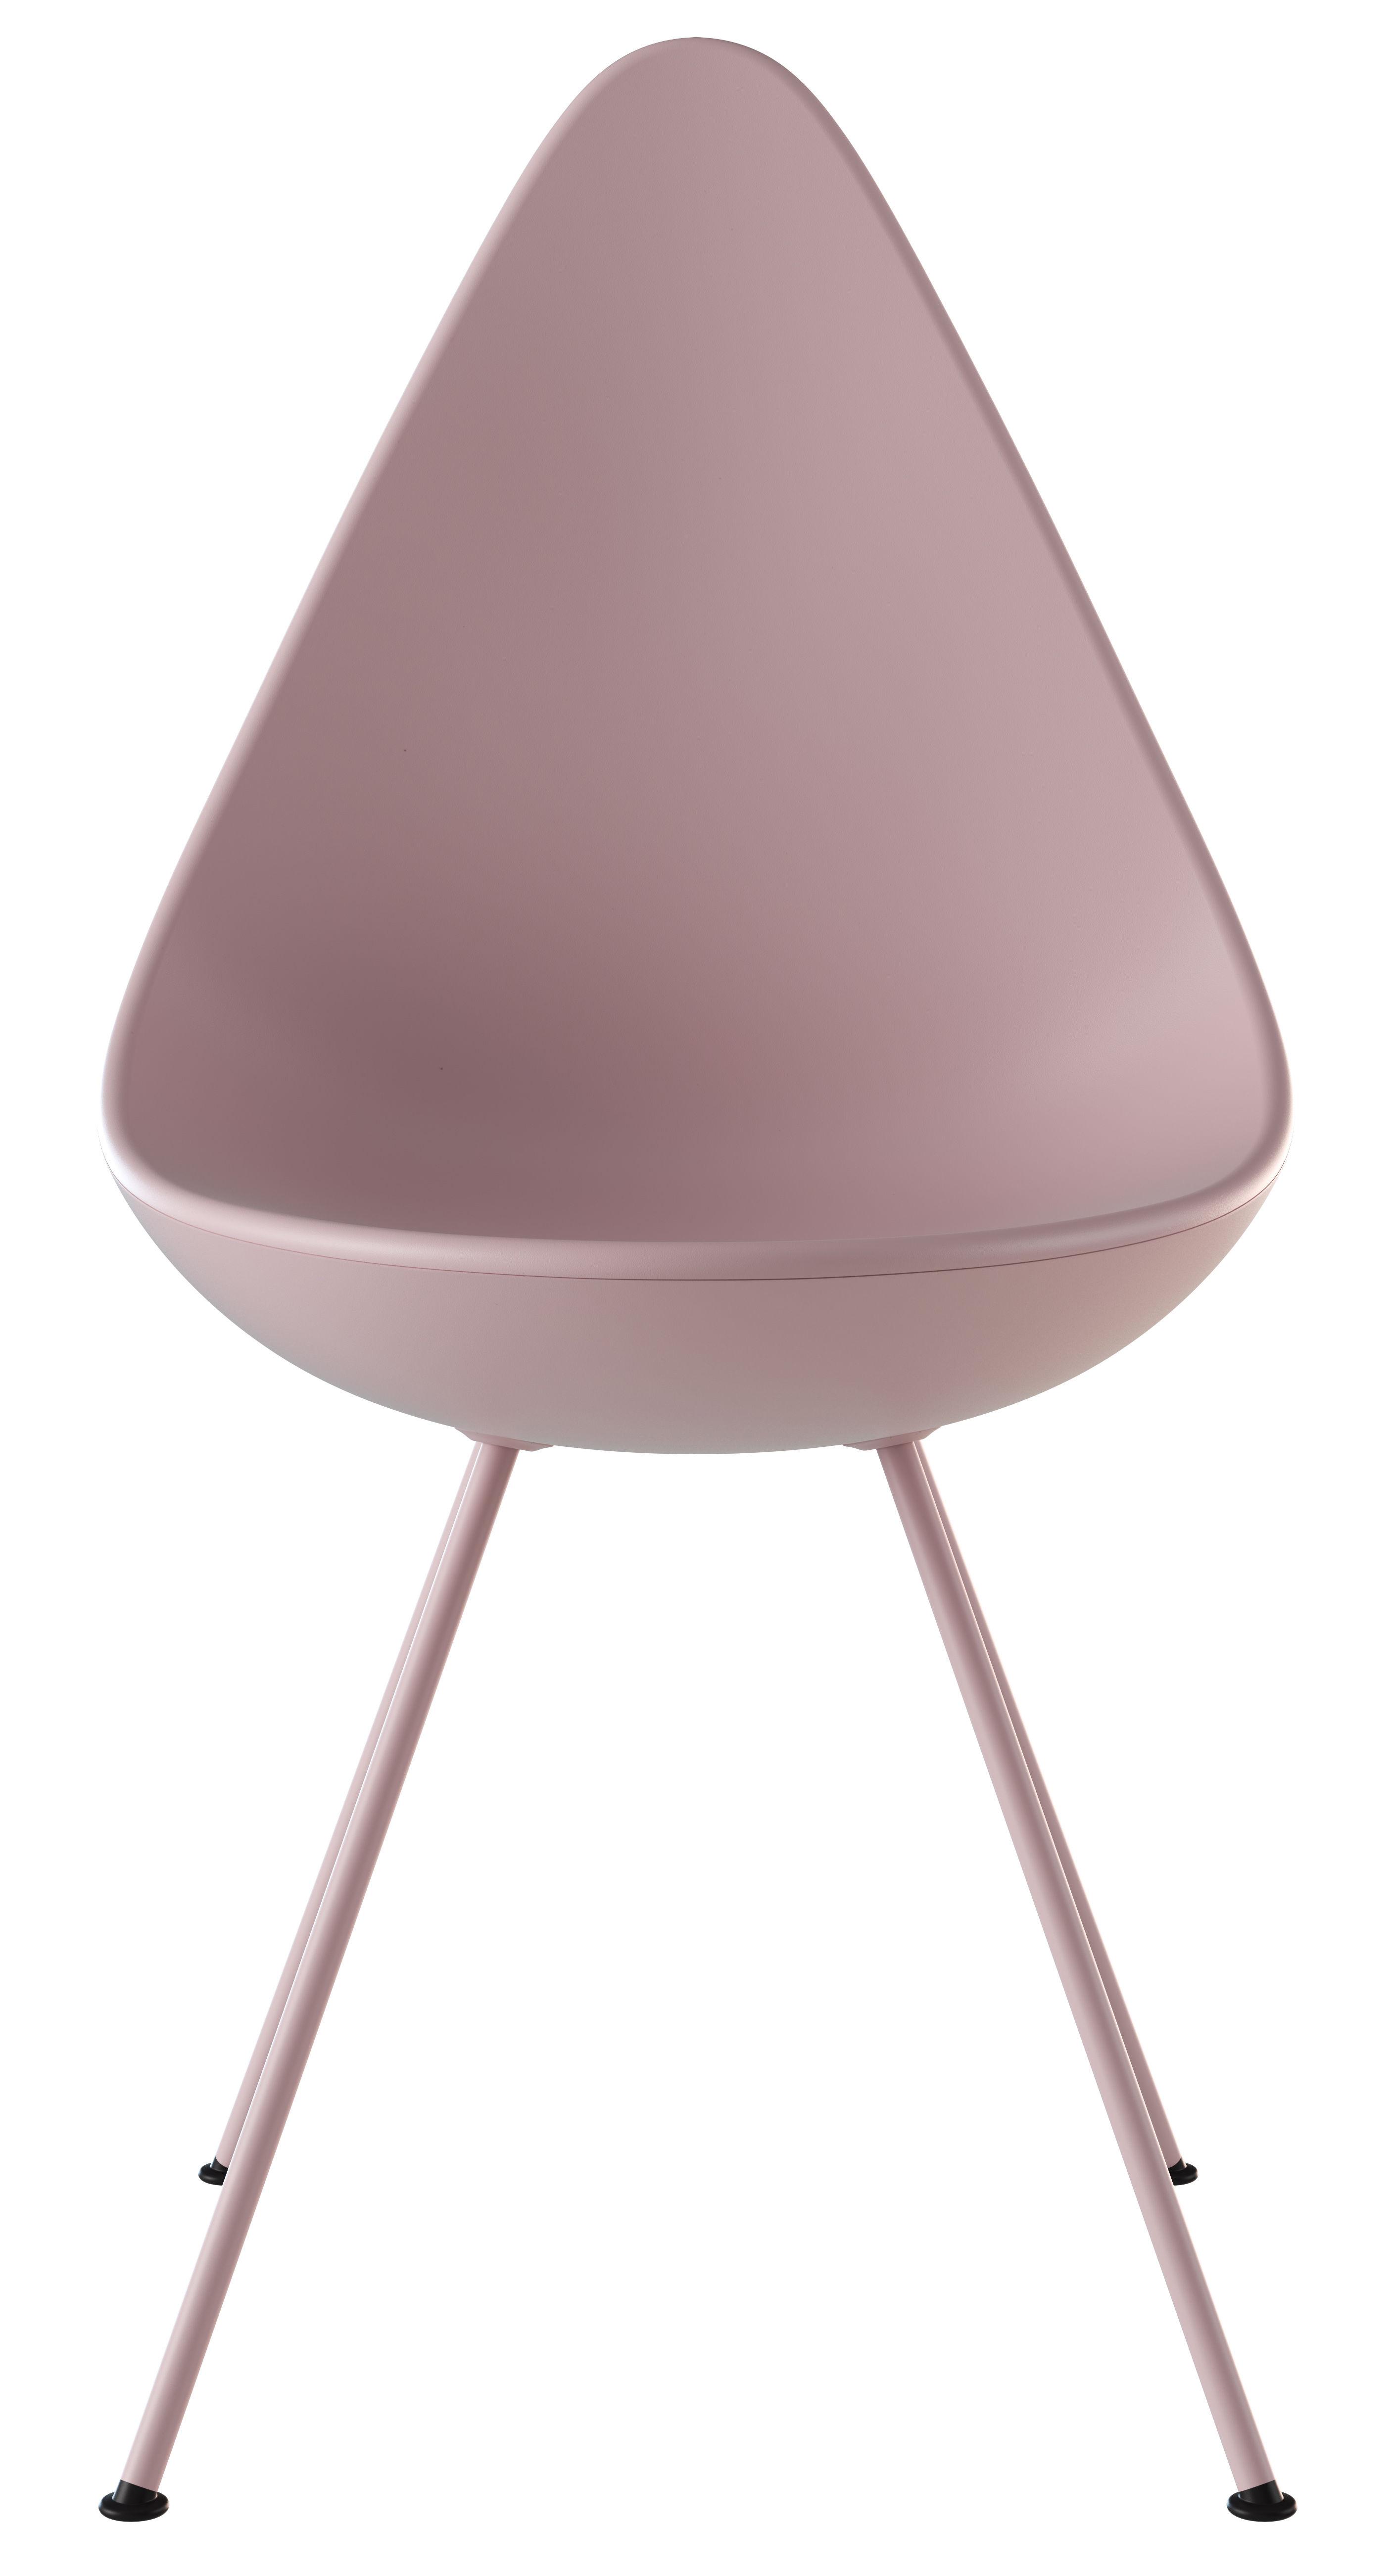 Arredamento - Sedie  - Sedia Drop - / Scocca plastica - Riedizione 1958 di Fritz Hansen - Rosa - Acciaio laccato, Nylon, Plastica ABS